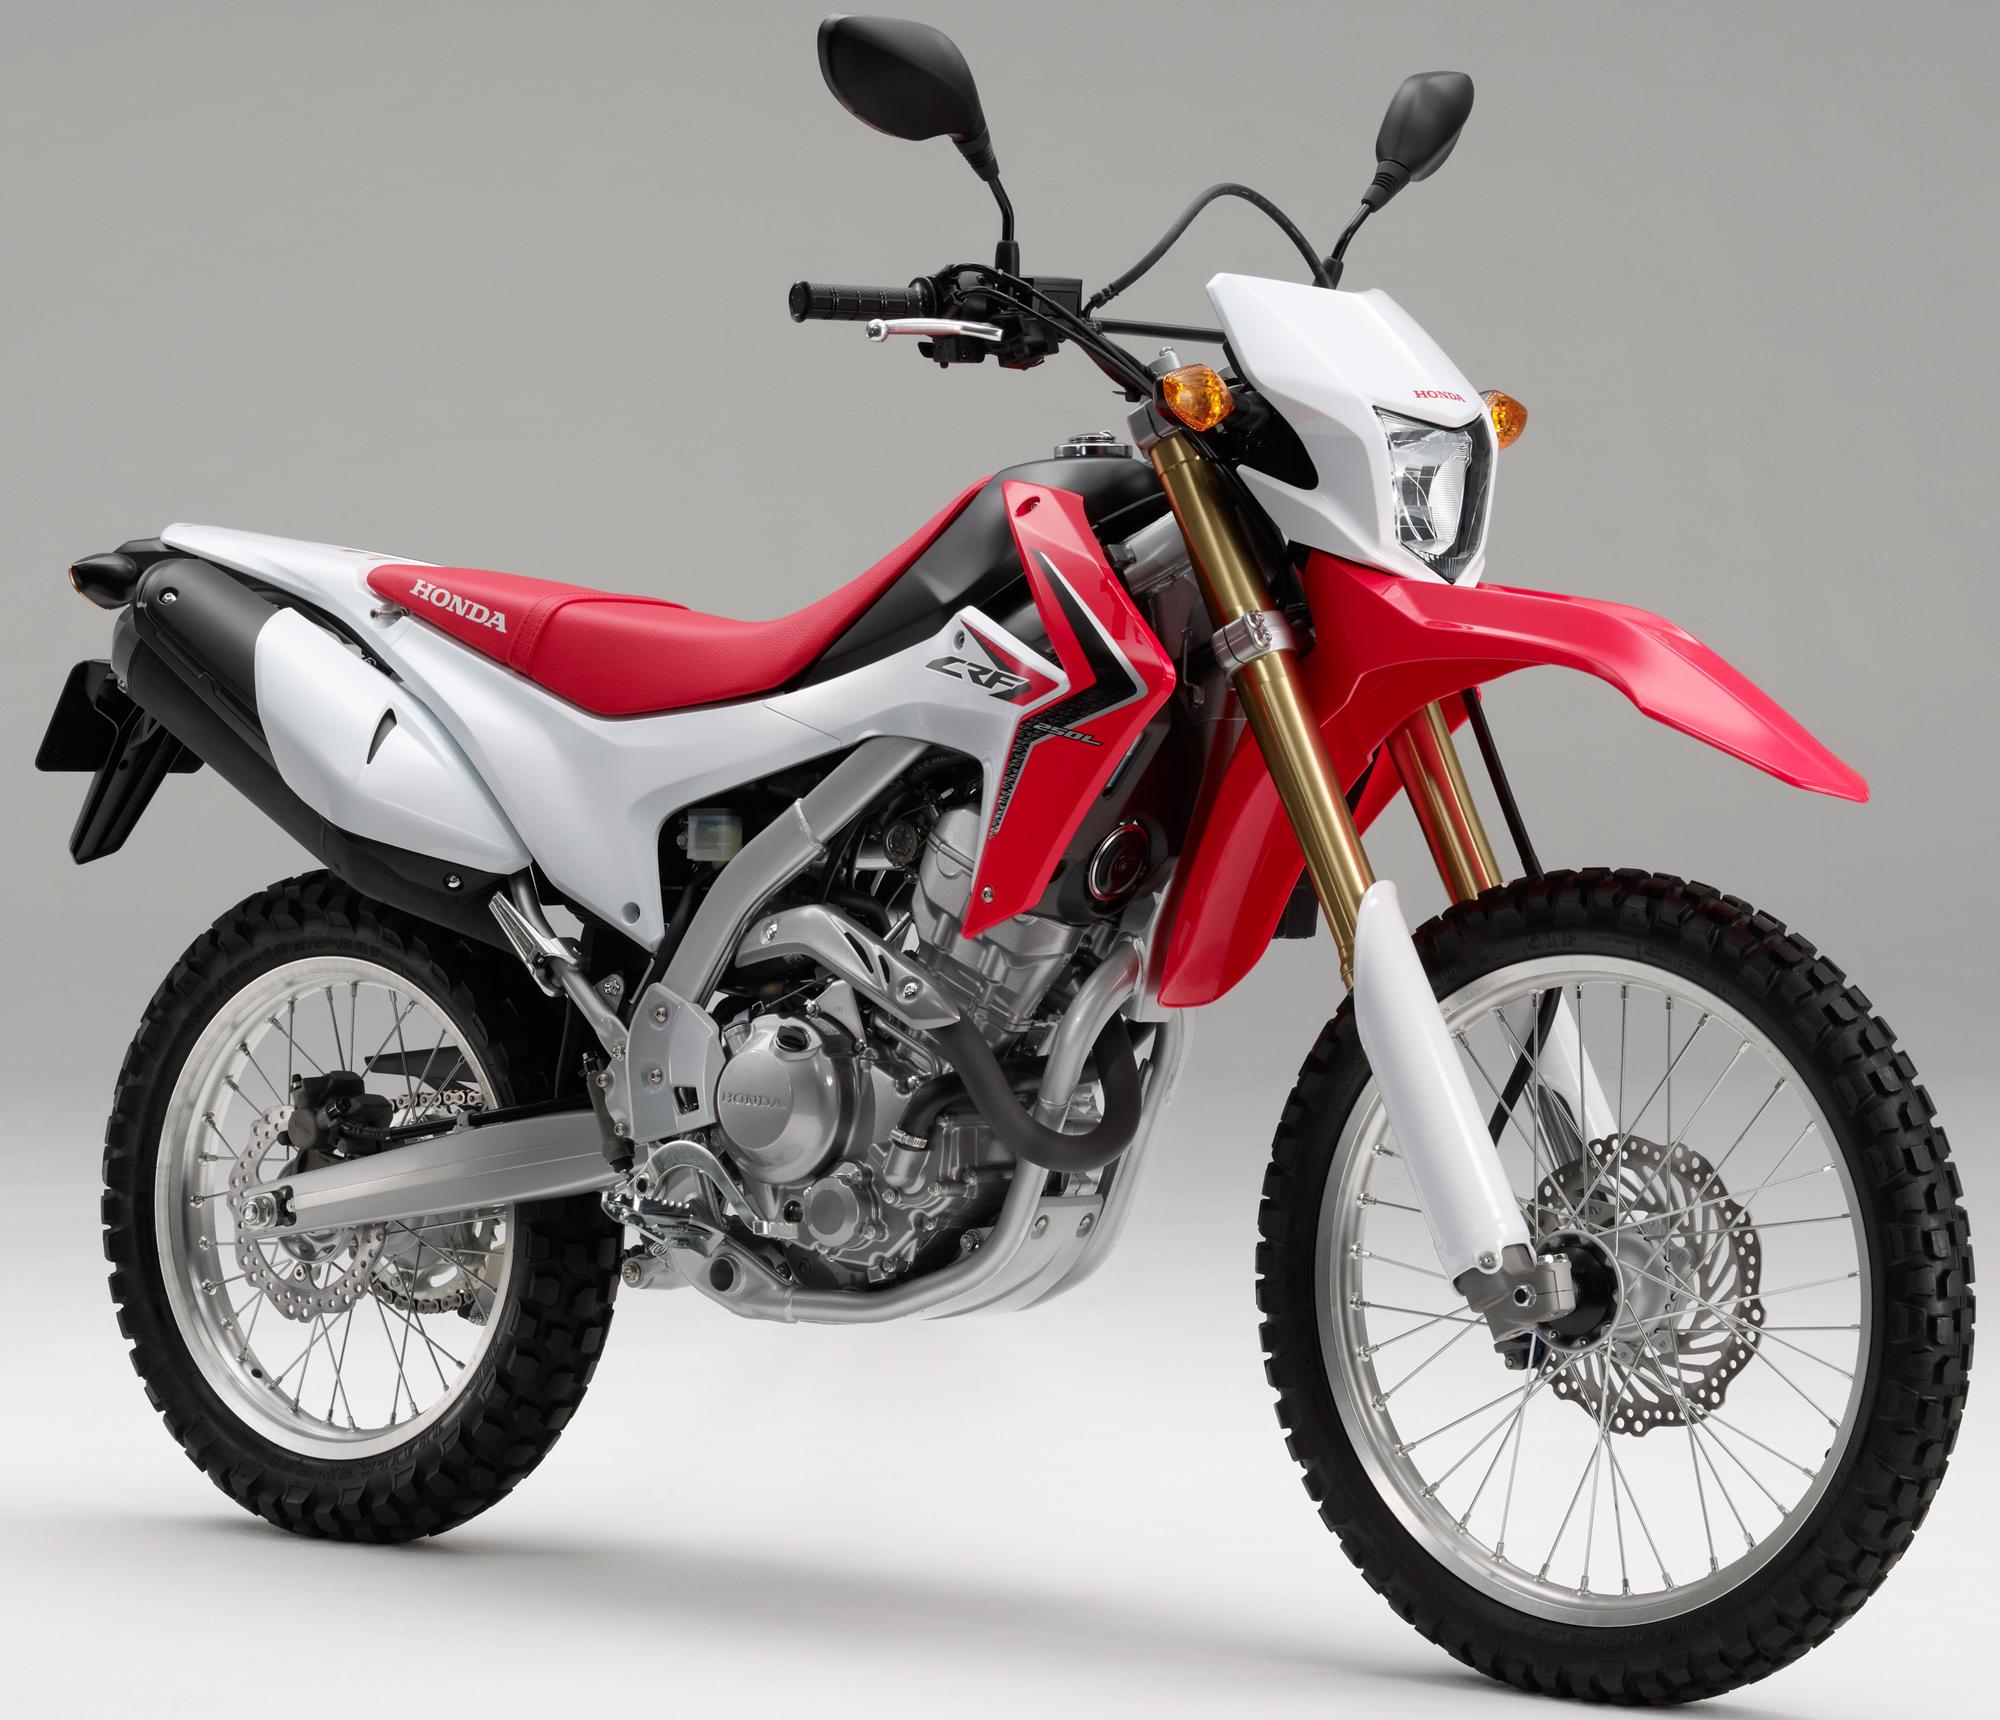 """2012 Honda Crf250l Specs Released: CRF250Lは、過激すぎない""""ちょうどいい""""性能が持ち味だ"""